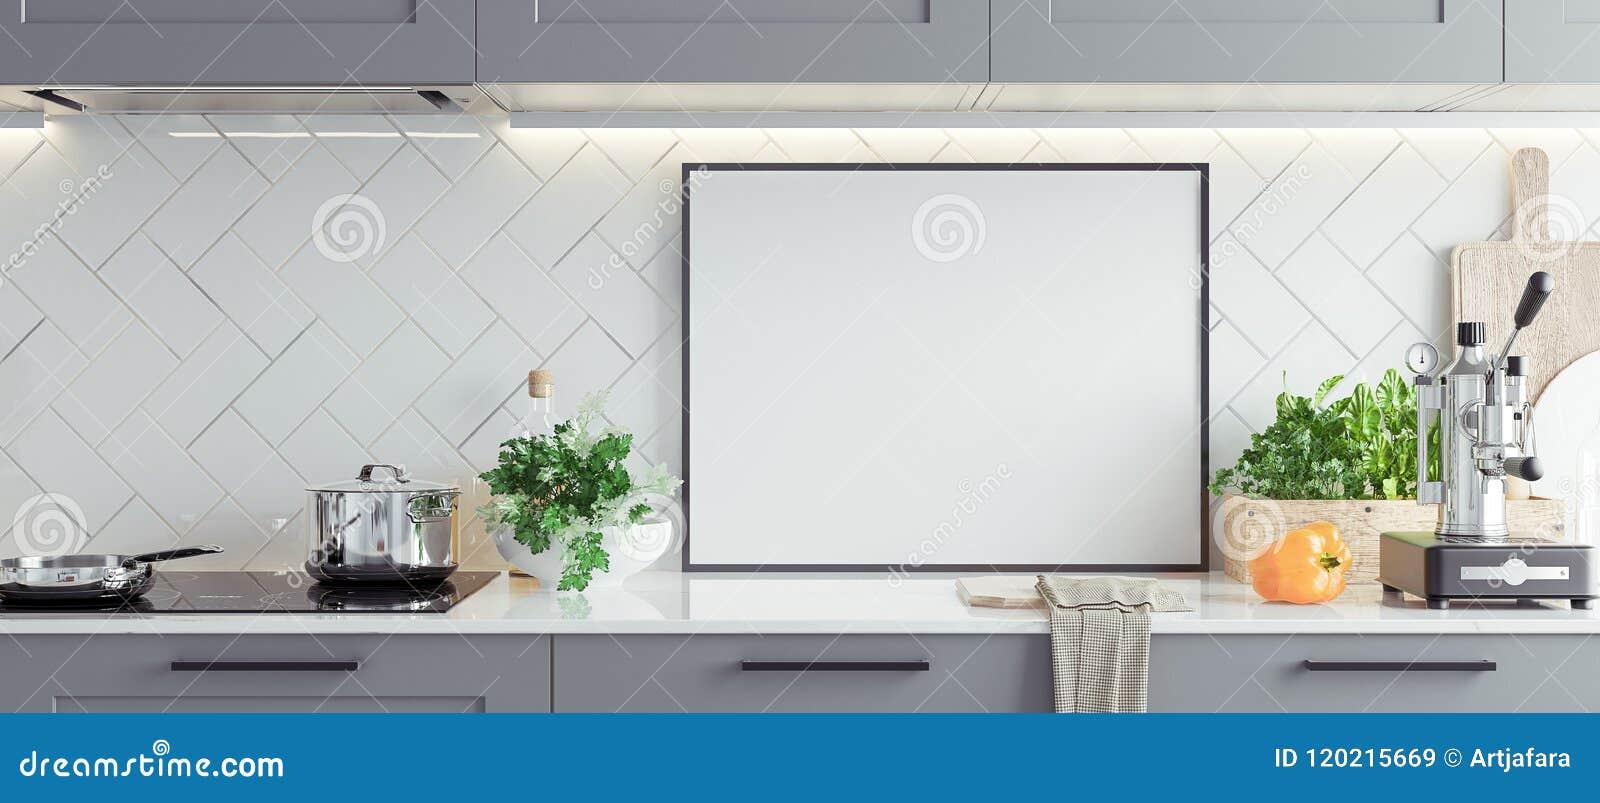 Raillez vers le haut du cadre d affiche dans la cuisine intérieure, style scandinave, fond panoramique